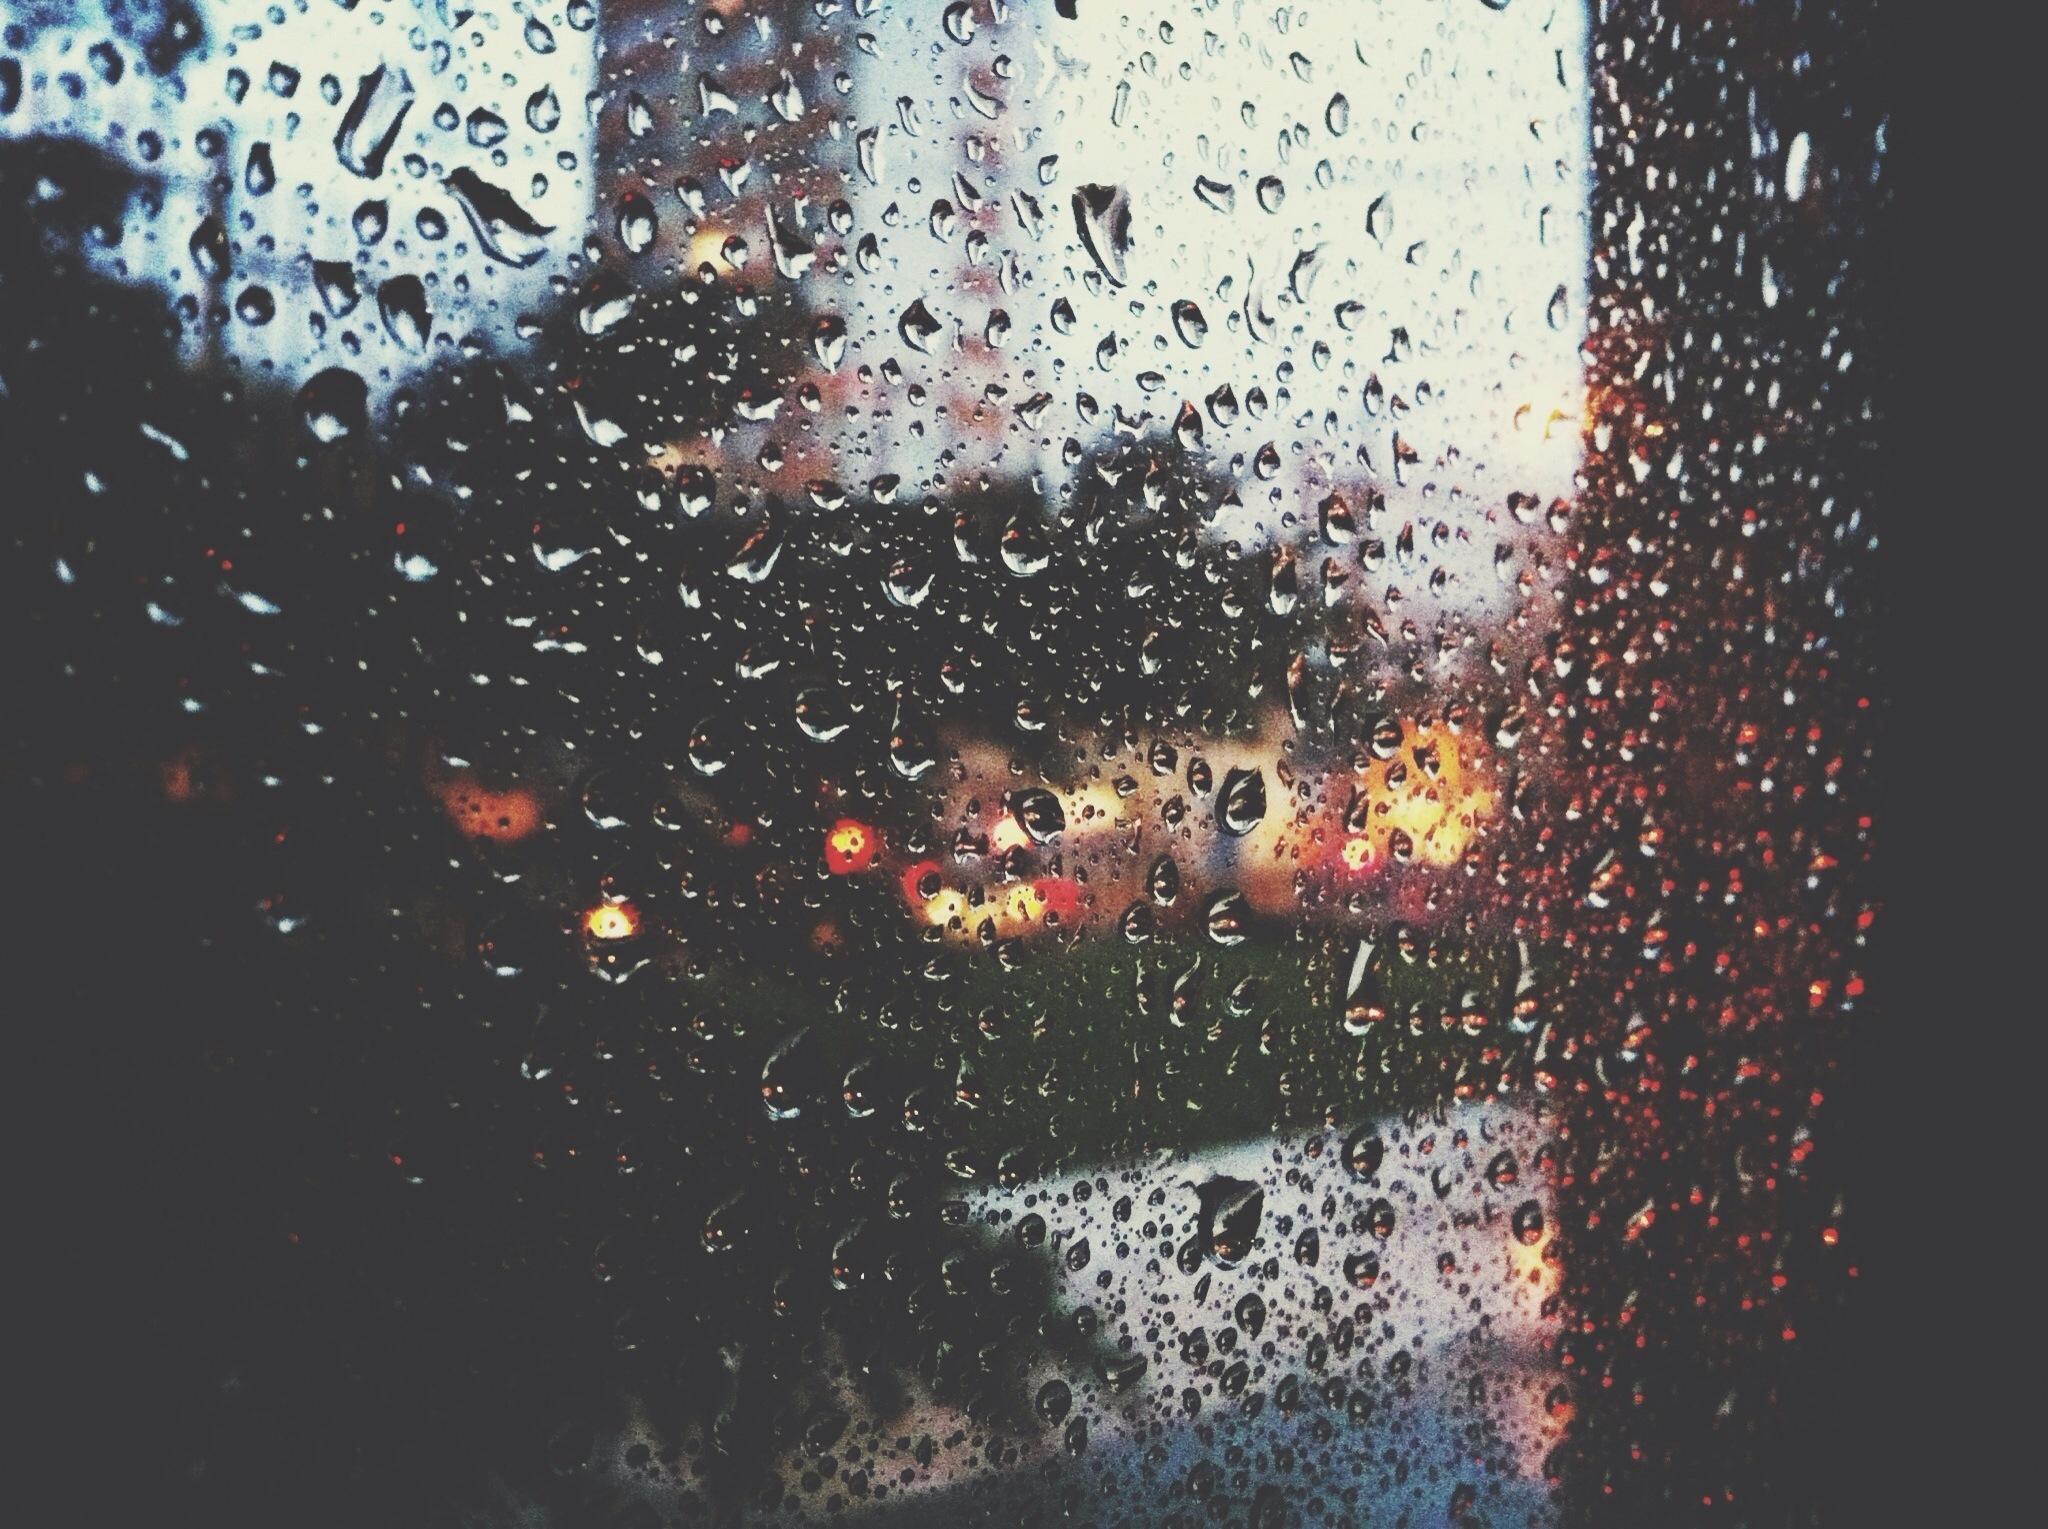 Sfondi Pioggia 4 Curitiba Gocce Dacqua I Phone Caricato Da